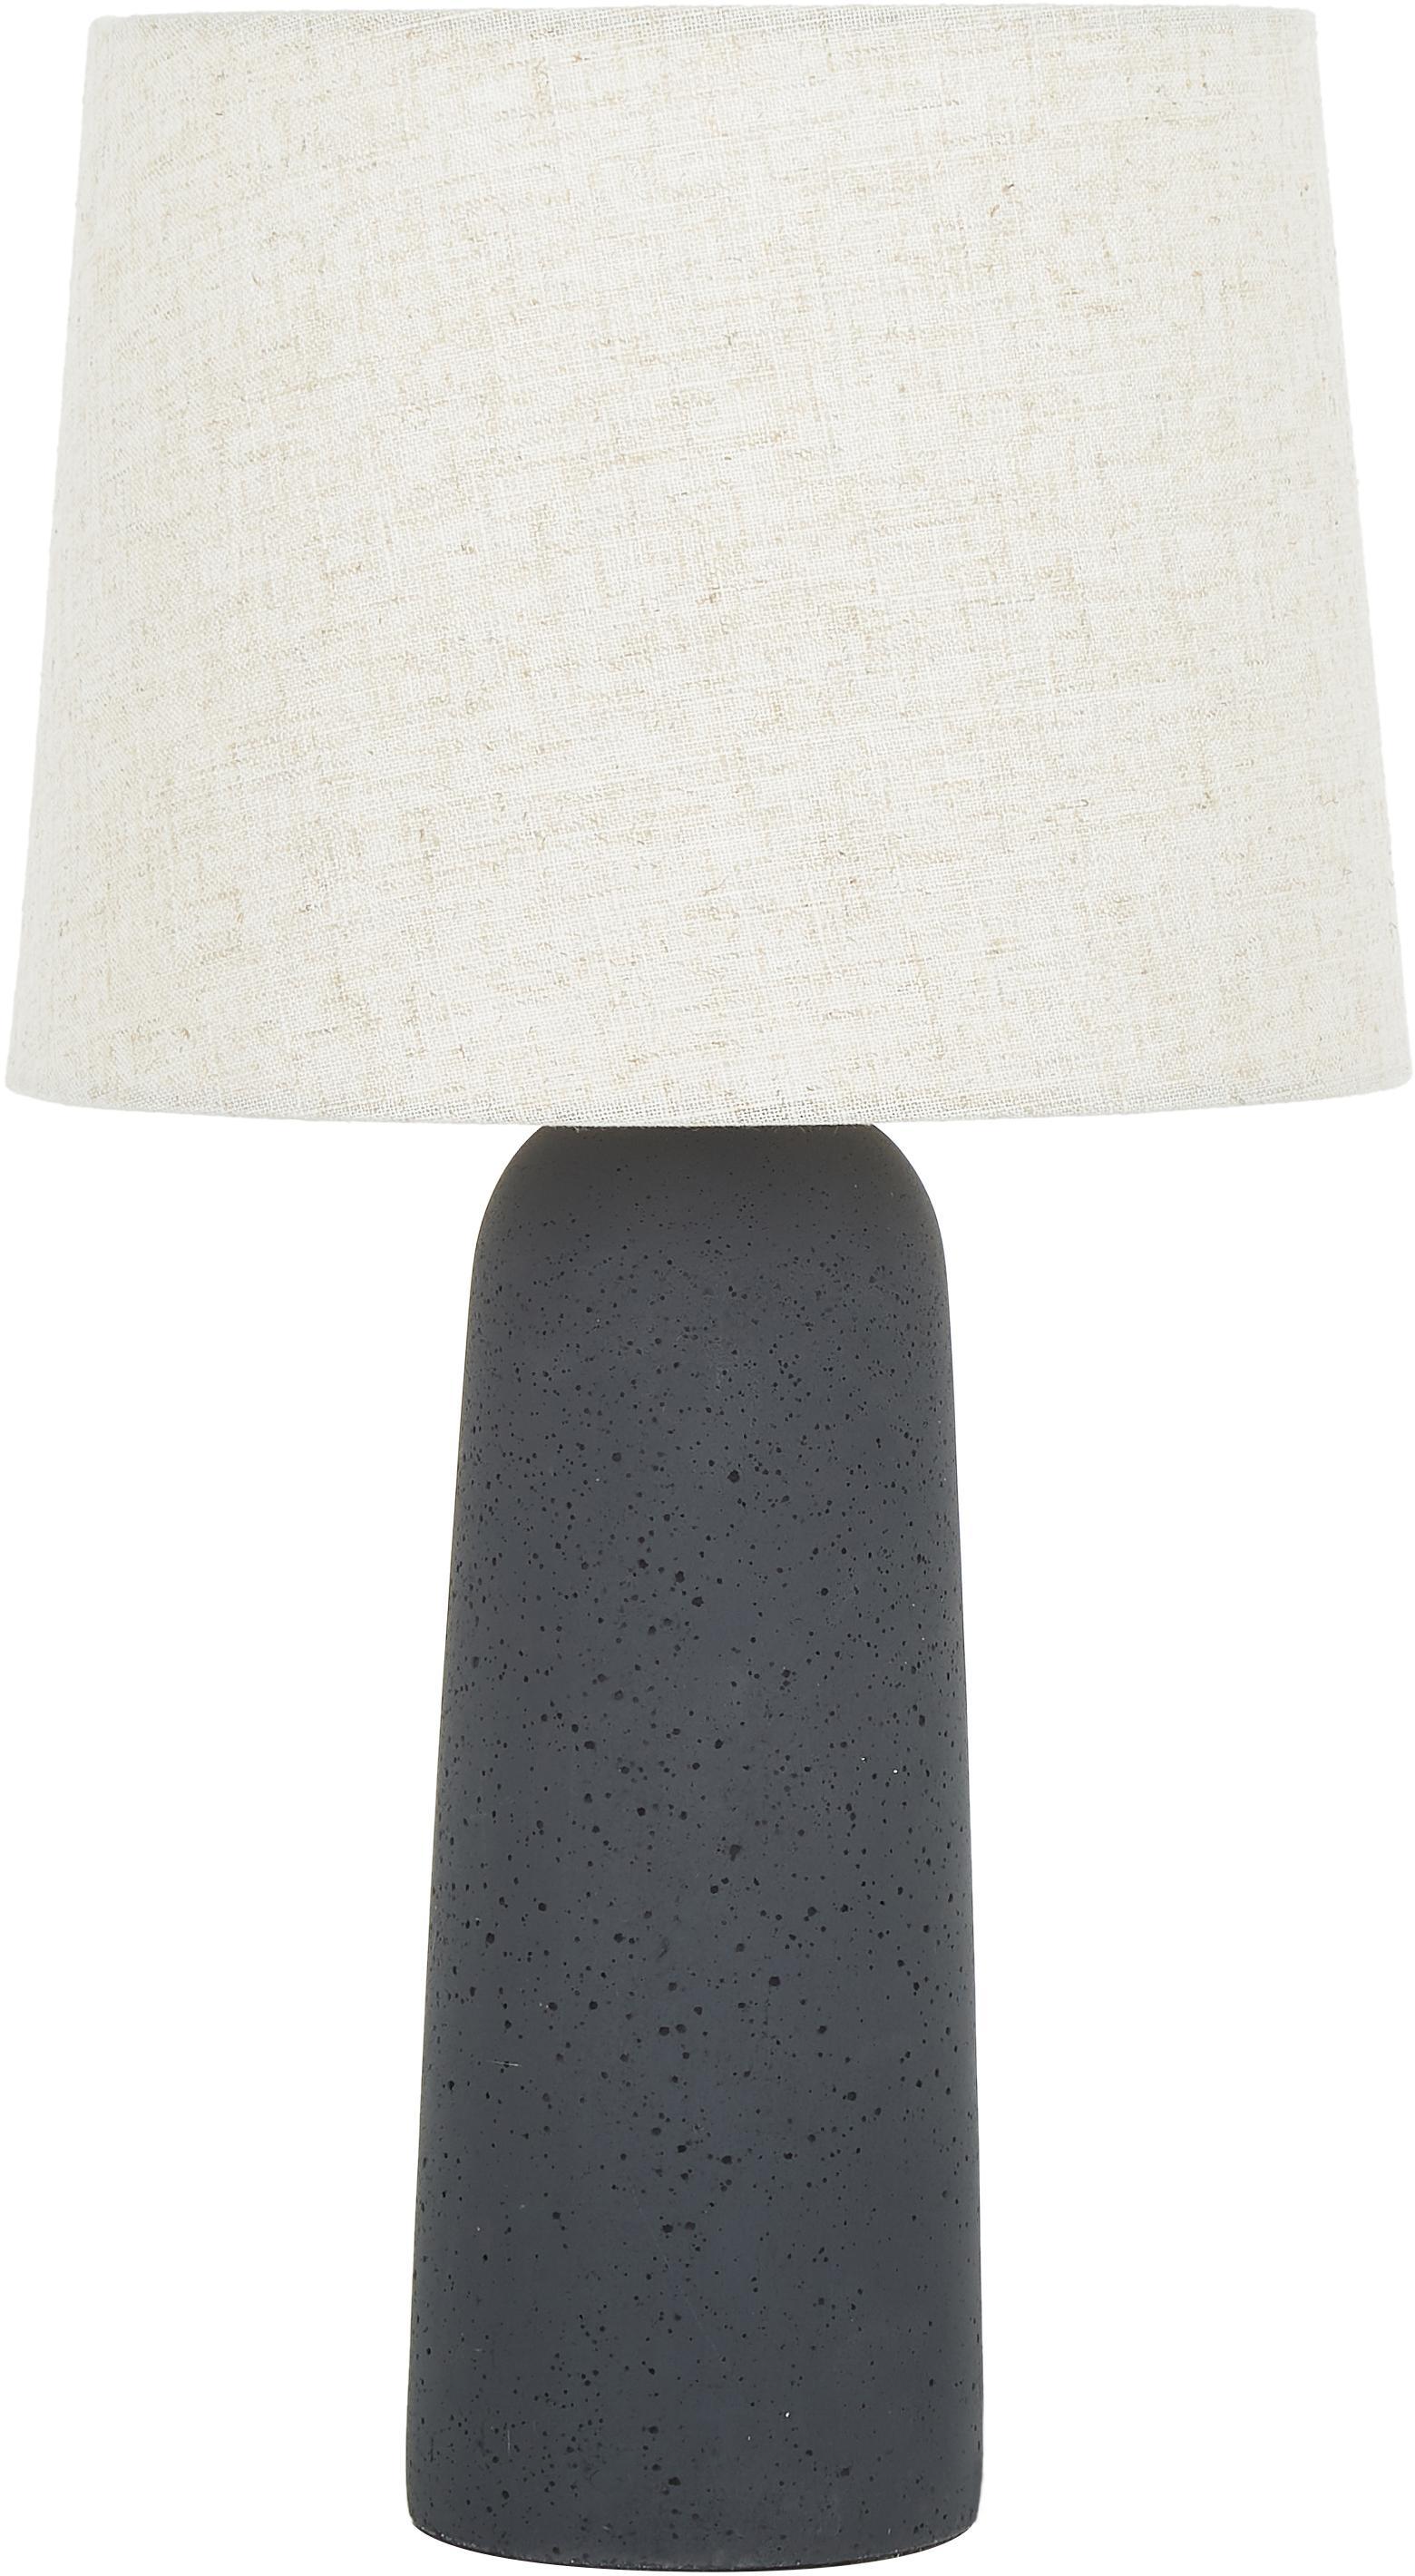 Grosse Tischlampe Kaya mit Betonfuss, Lampenschirm: 80% Baumwolle, 20% Leinen, Lampenschirm: BeigeLampenfuss: DunkelgrauKabel: Schwarz, Ø 29 x H 52 cm